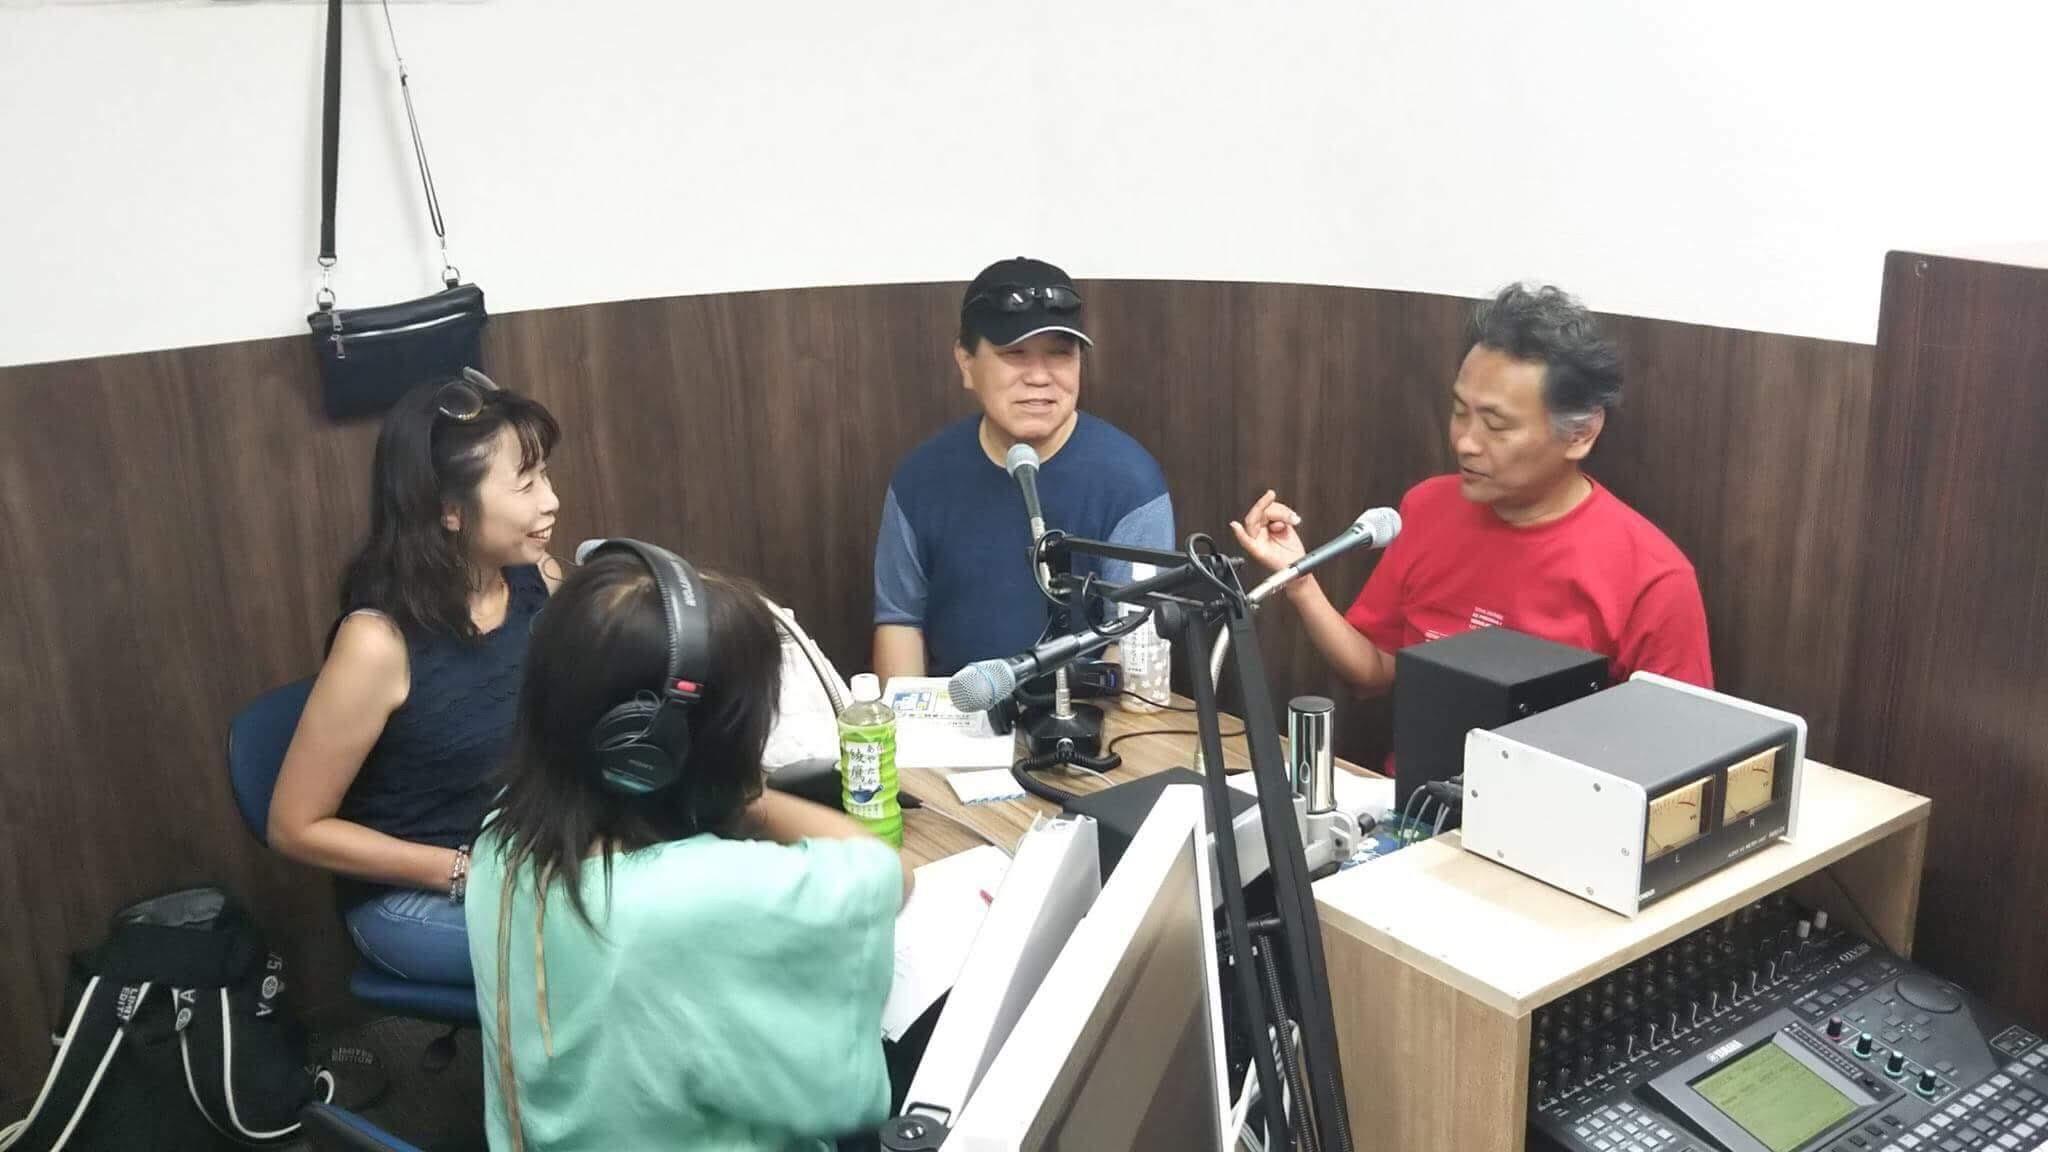 メディア情報】ラジオ収録 77.5MHz 「走れ!介護タクシー」 | 一般社団 ...